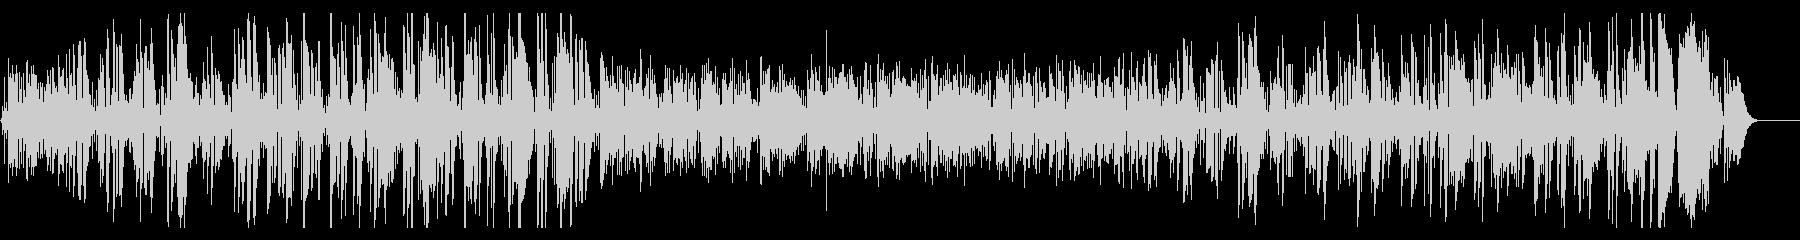 プロジャズ歌手のクリスマス曲ジングルベルの未再生の波形